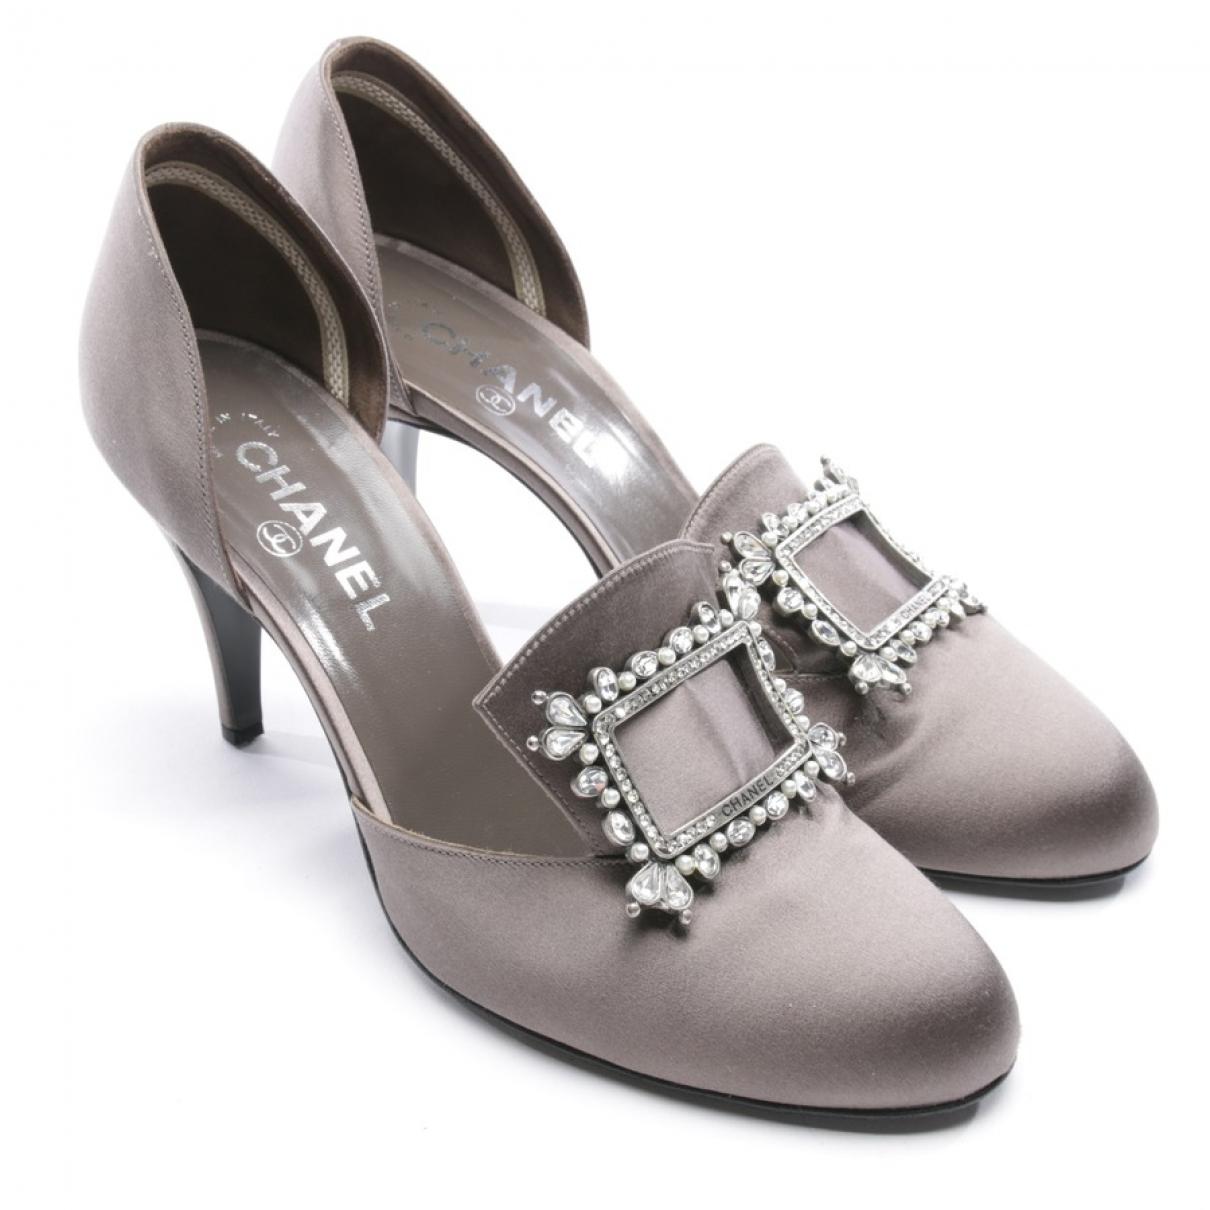 Chanel - Escarpins   pour femme en toile - gris